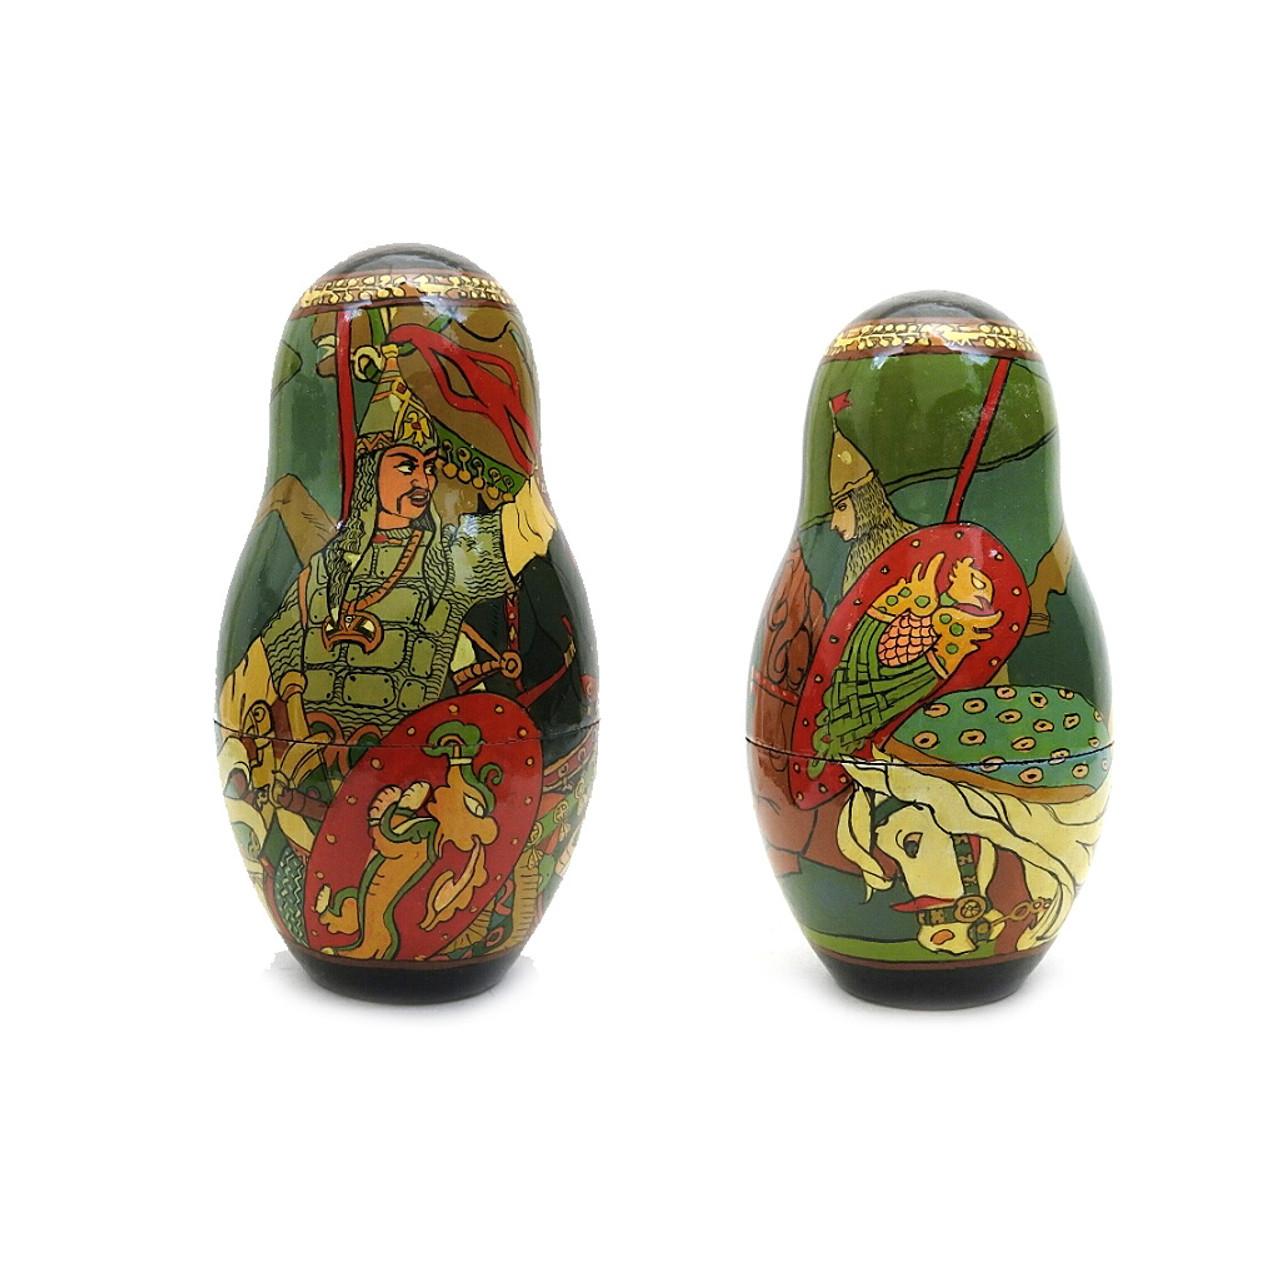 Tsar Saltan Bilibin Artistic Matryoshka  5th Doll Front and Back